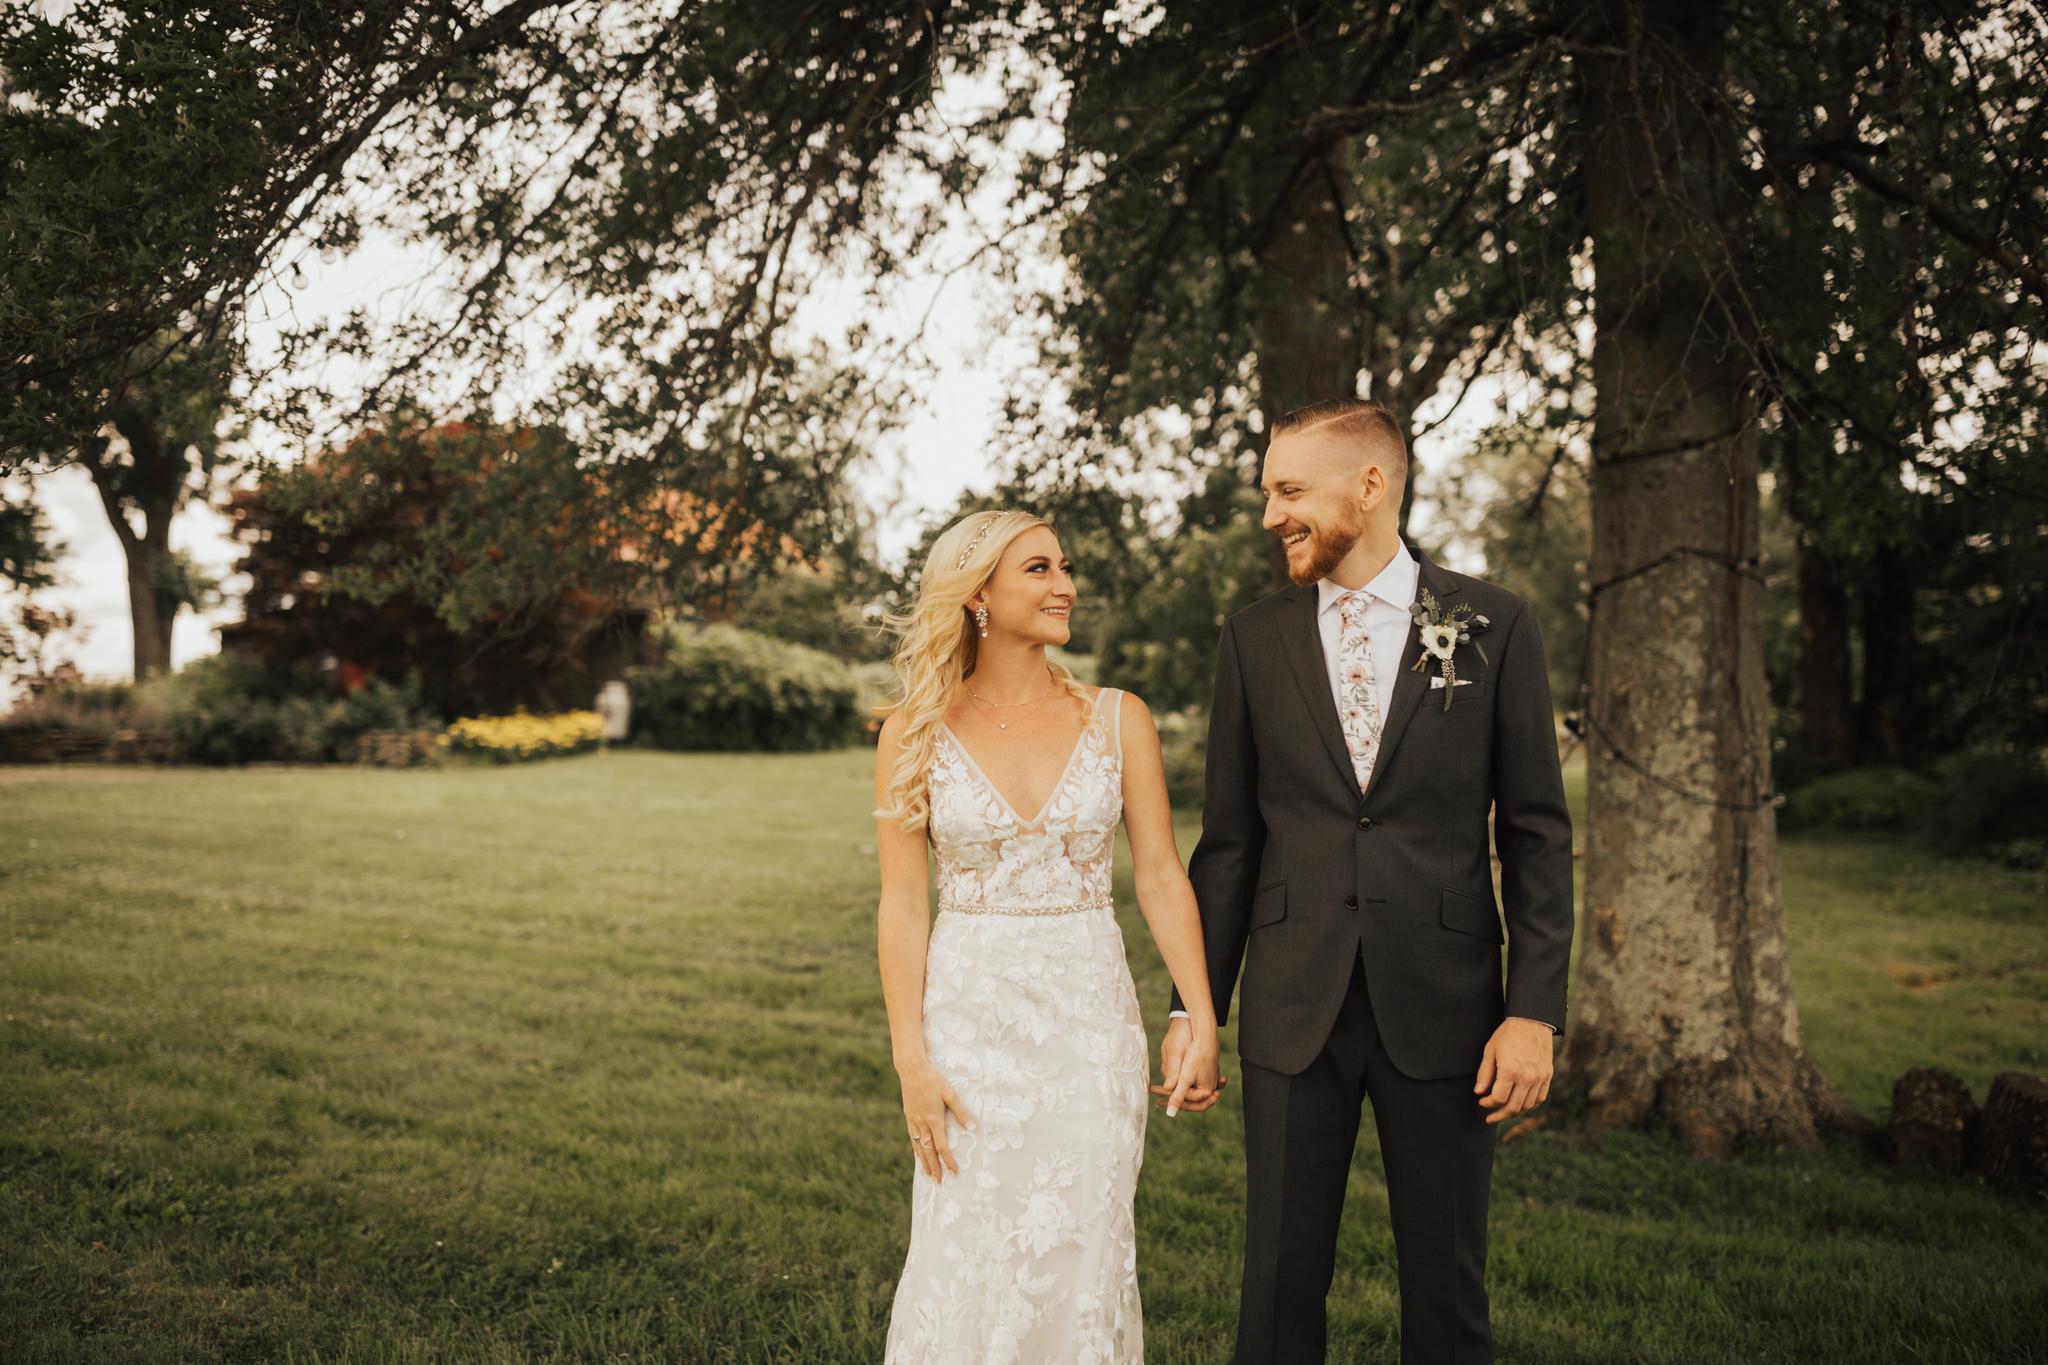 audreys_farmhouse_wedding-56.jpg